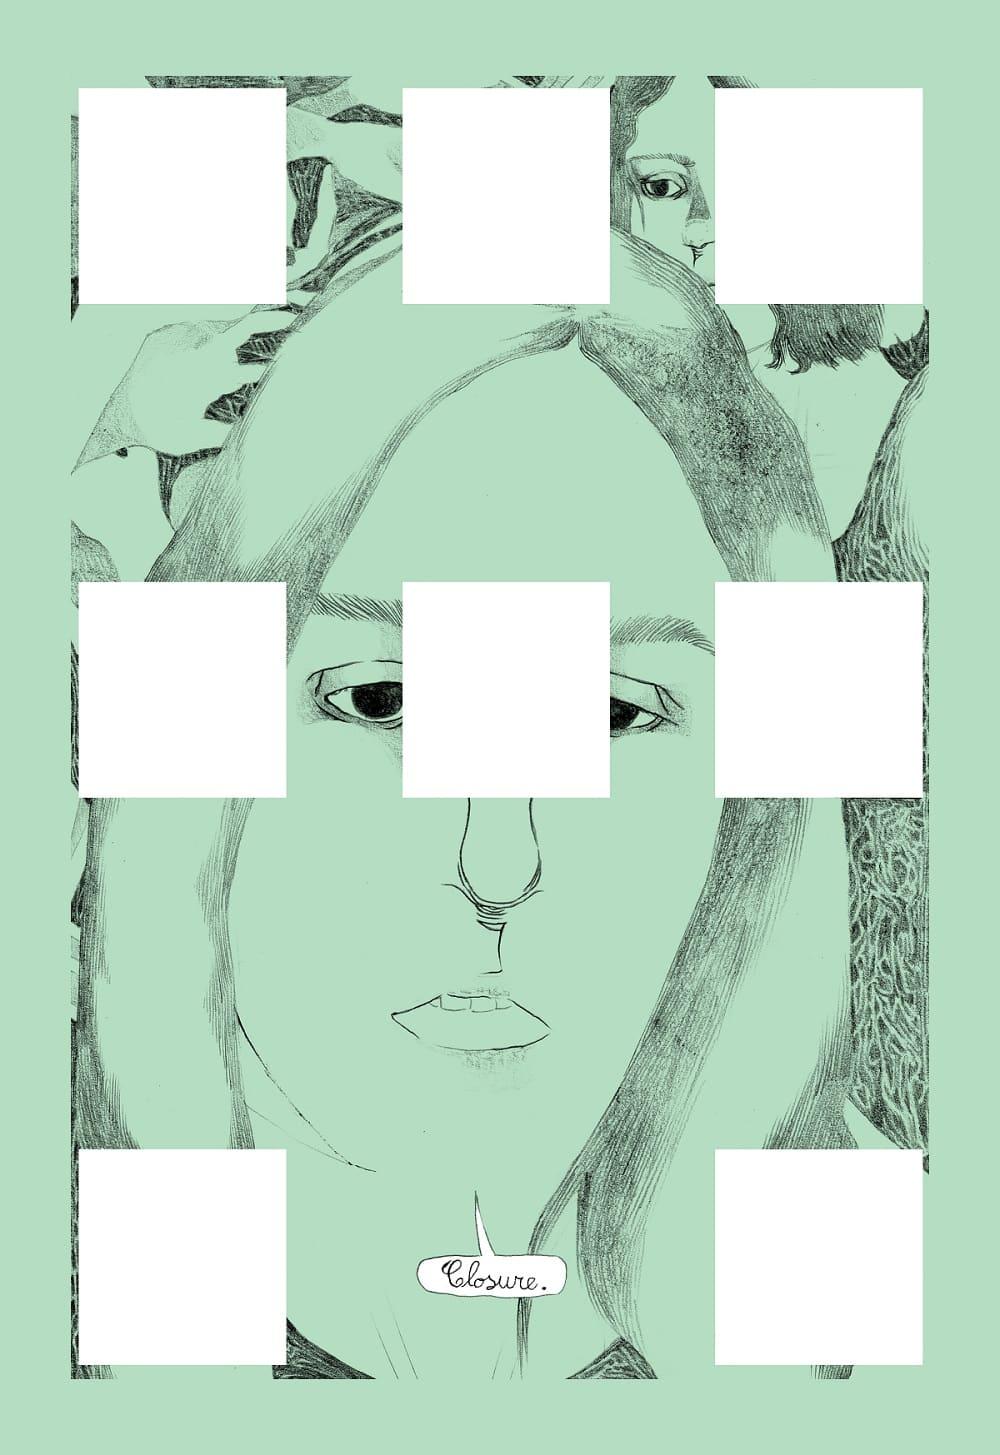 Lo_spazio_bianco_Danilo-Manzi_Immagina lo spazio bianco